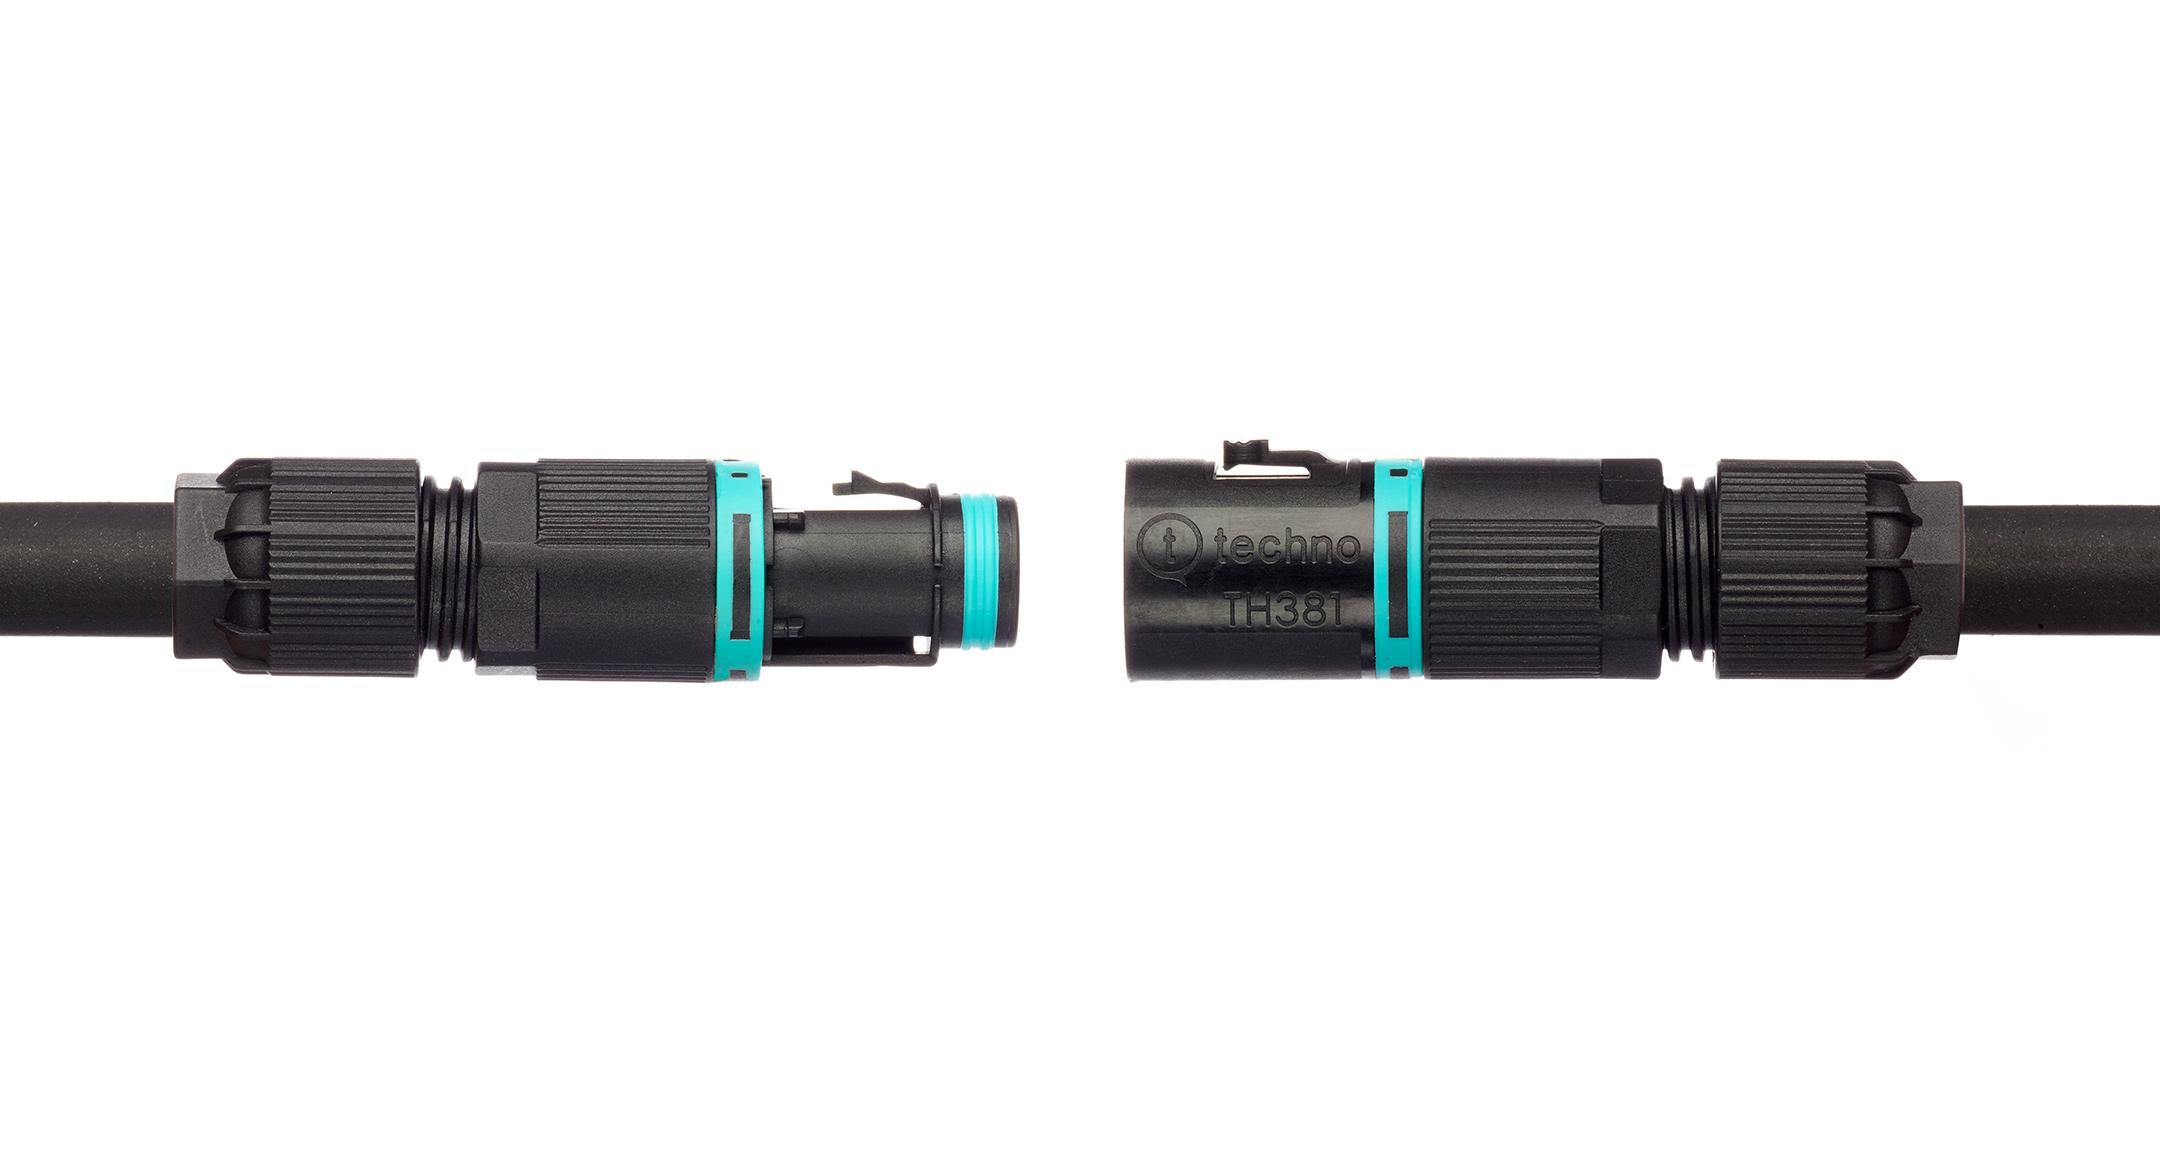 マイクロ防水コネクタ THB381シリーズの画像